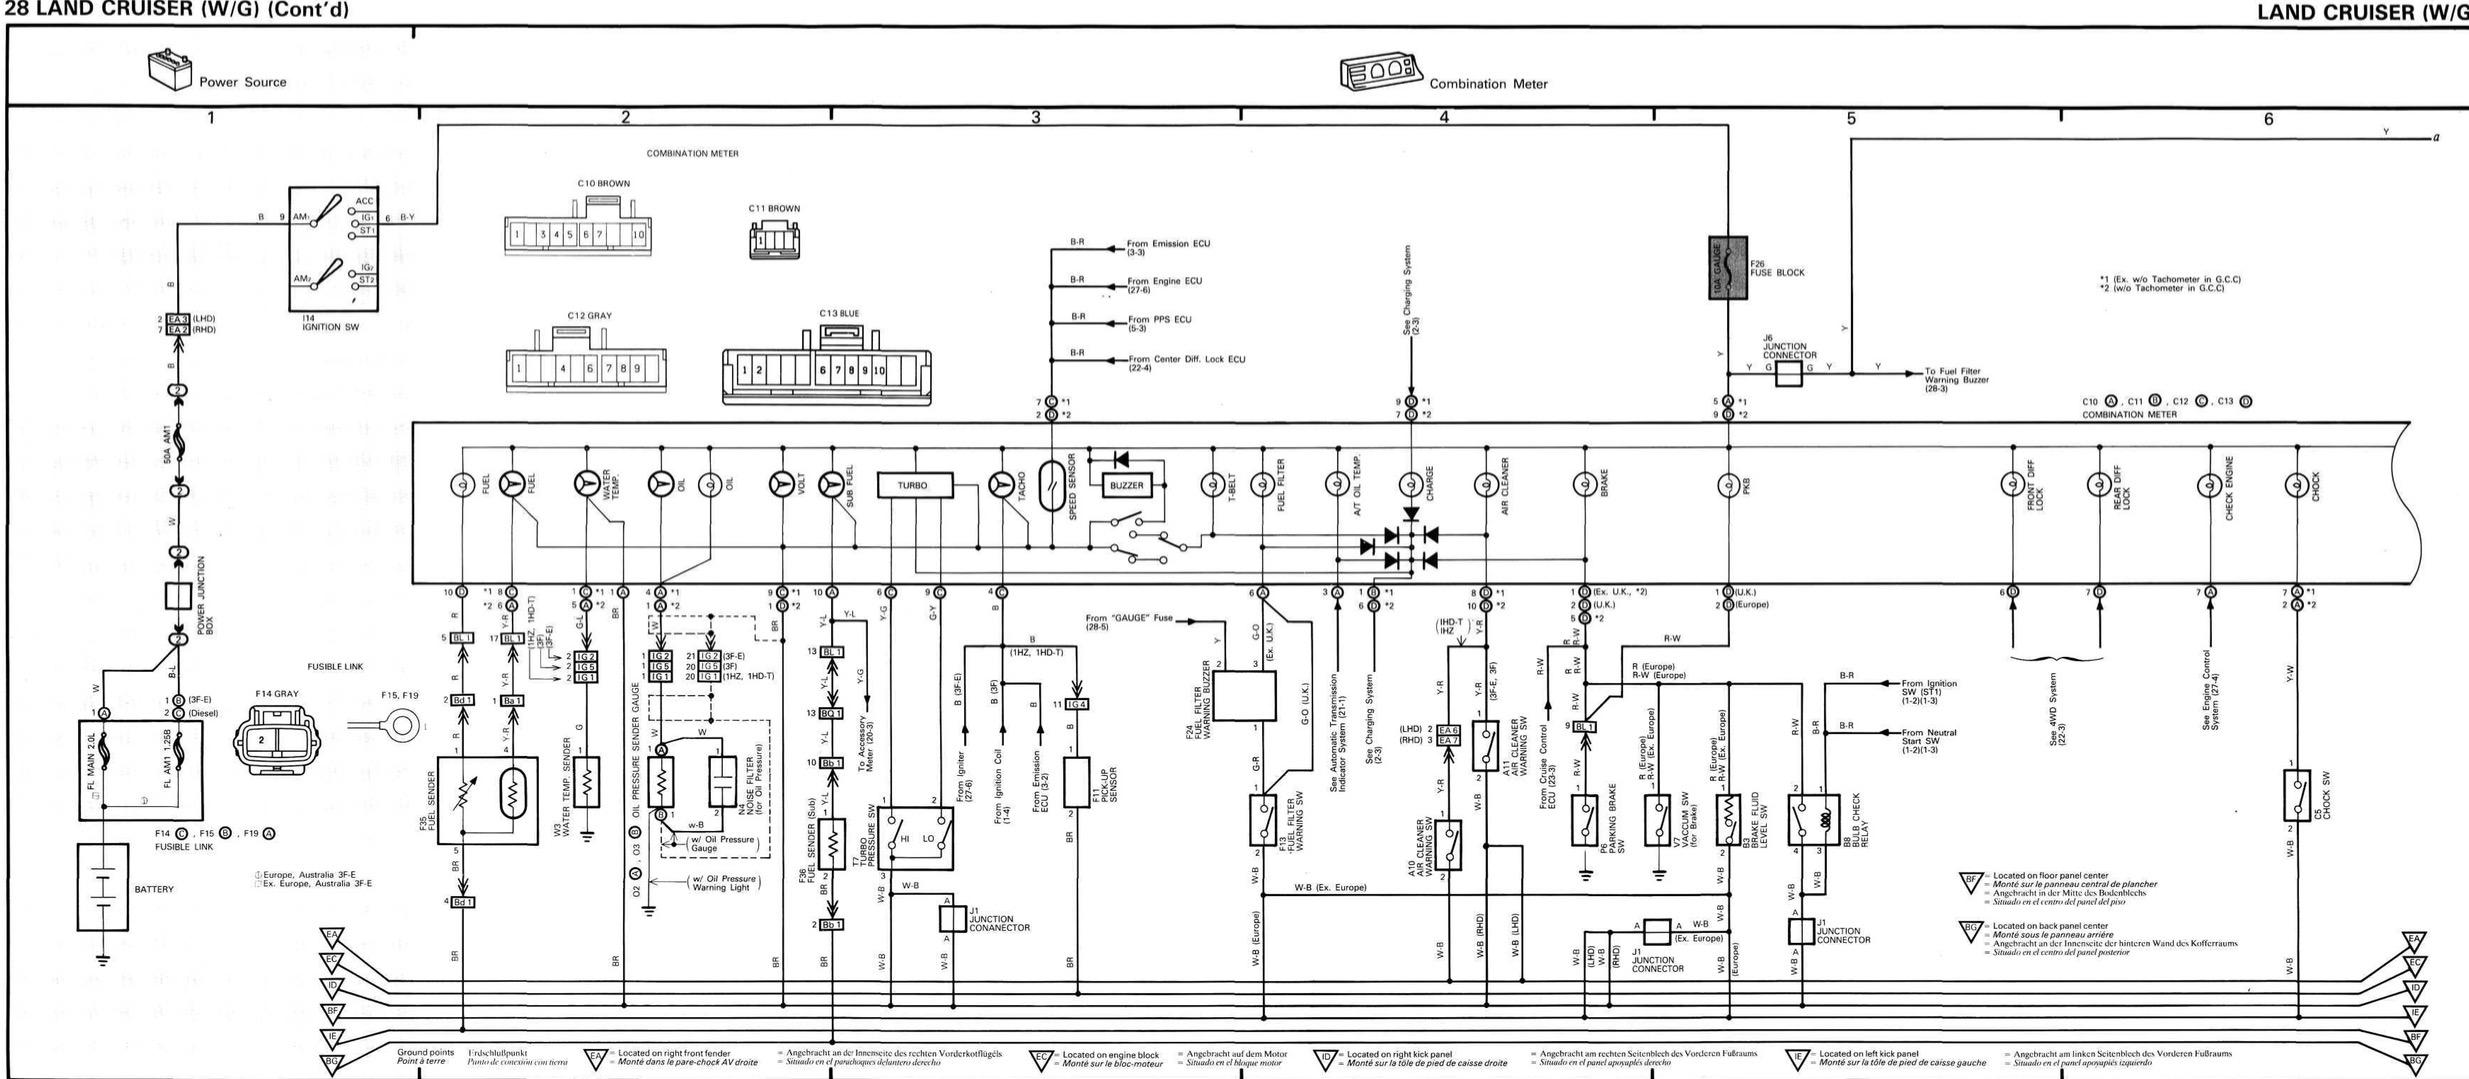 toyota landcruiser 100 series wiring diagram manual - wiring diagrams source  aisdro.it